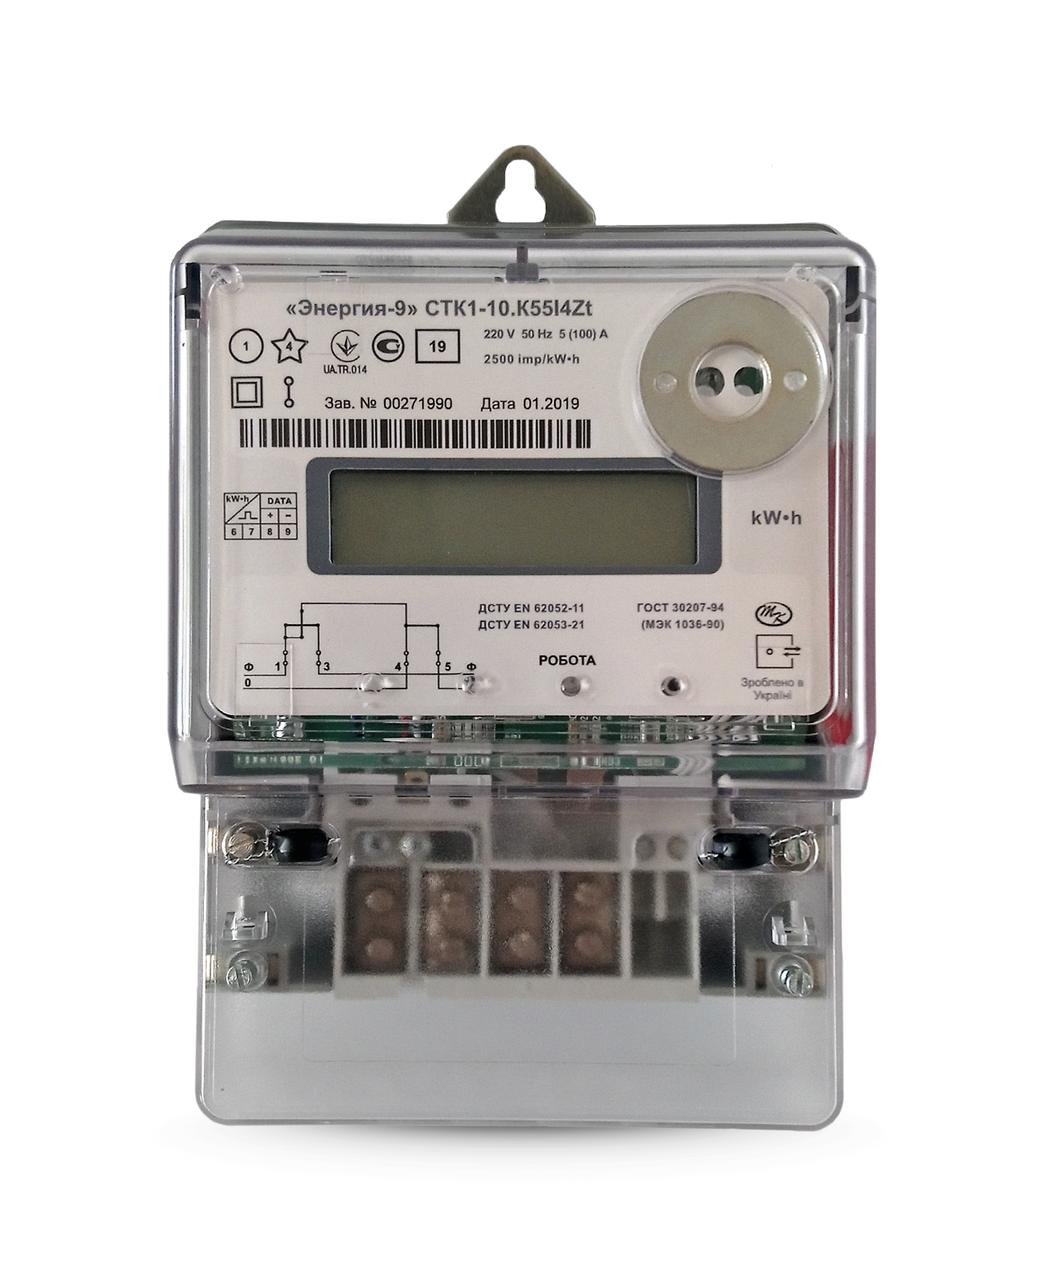 Счетчик электроэнергии СТК1-10.К55I4Zt многотарифный однофазный